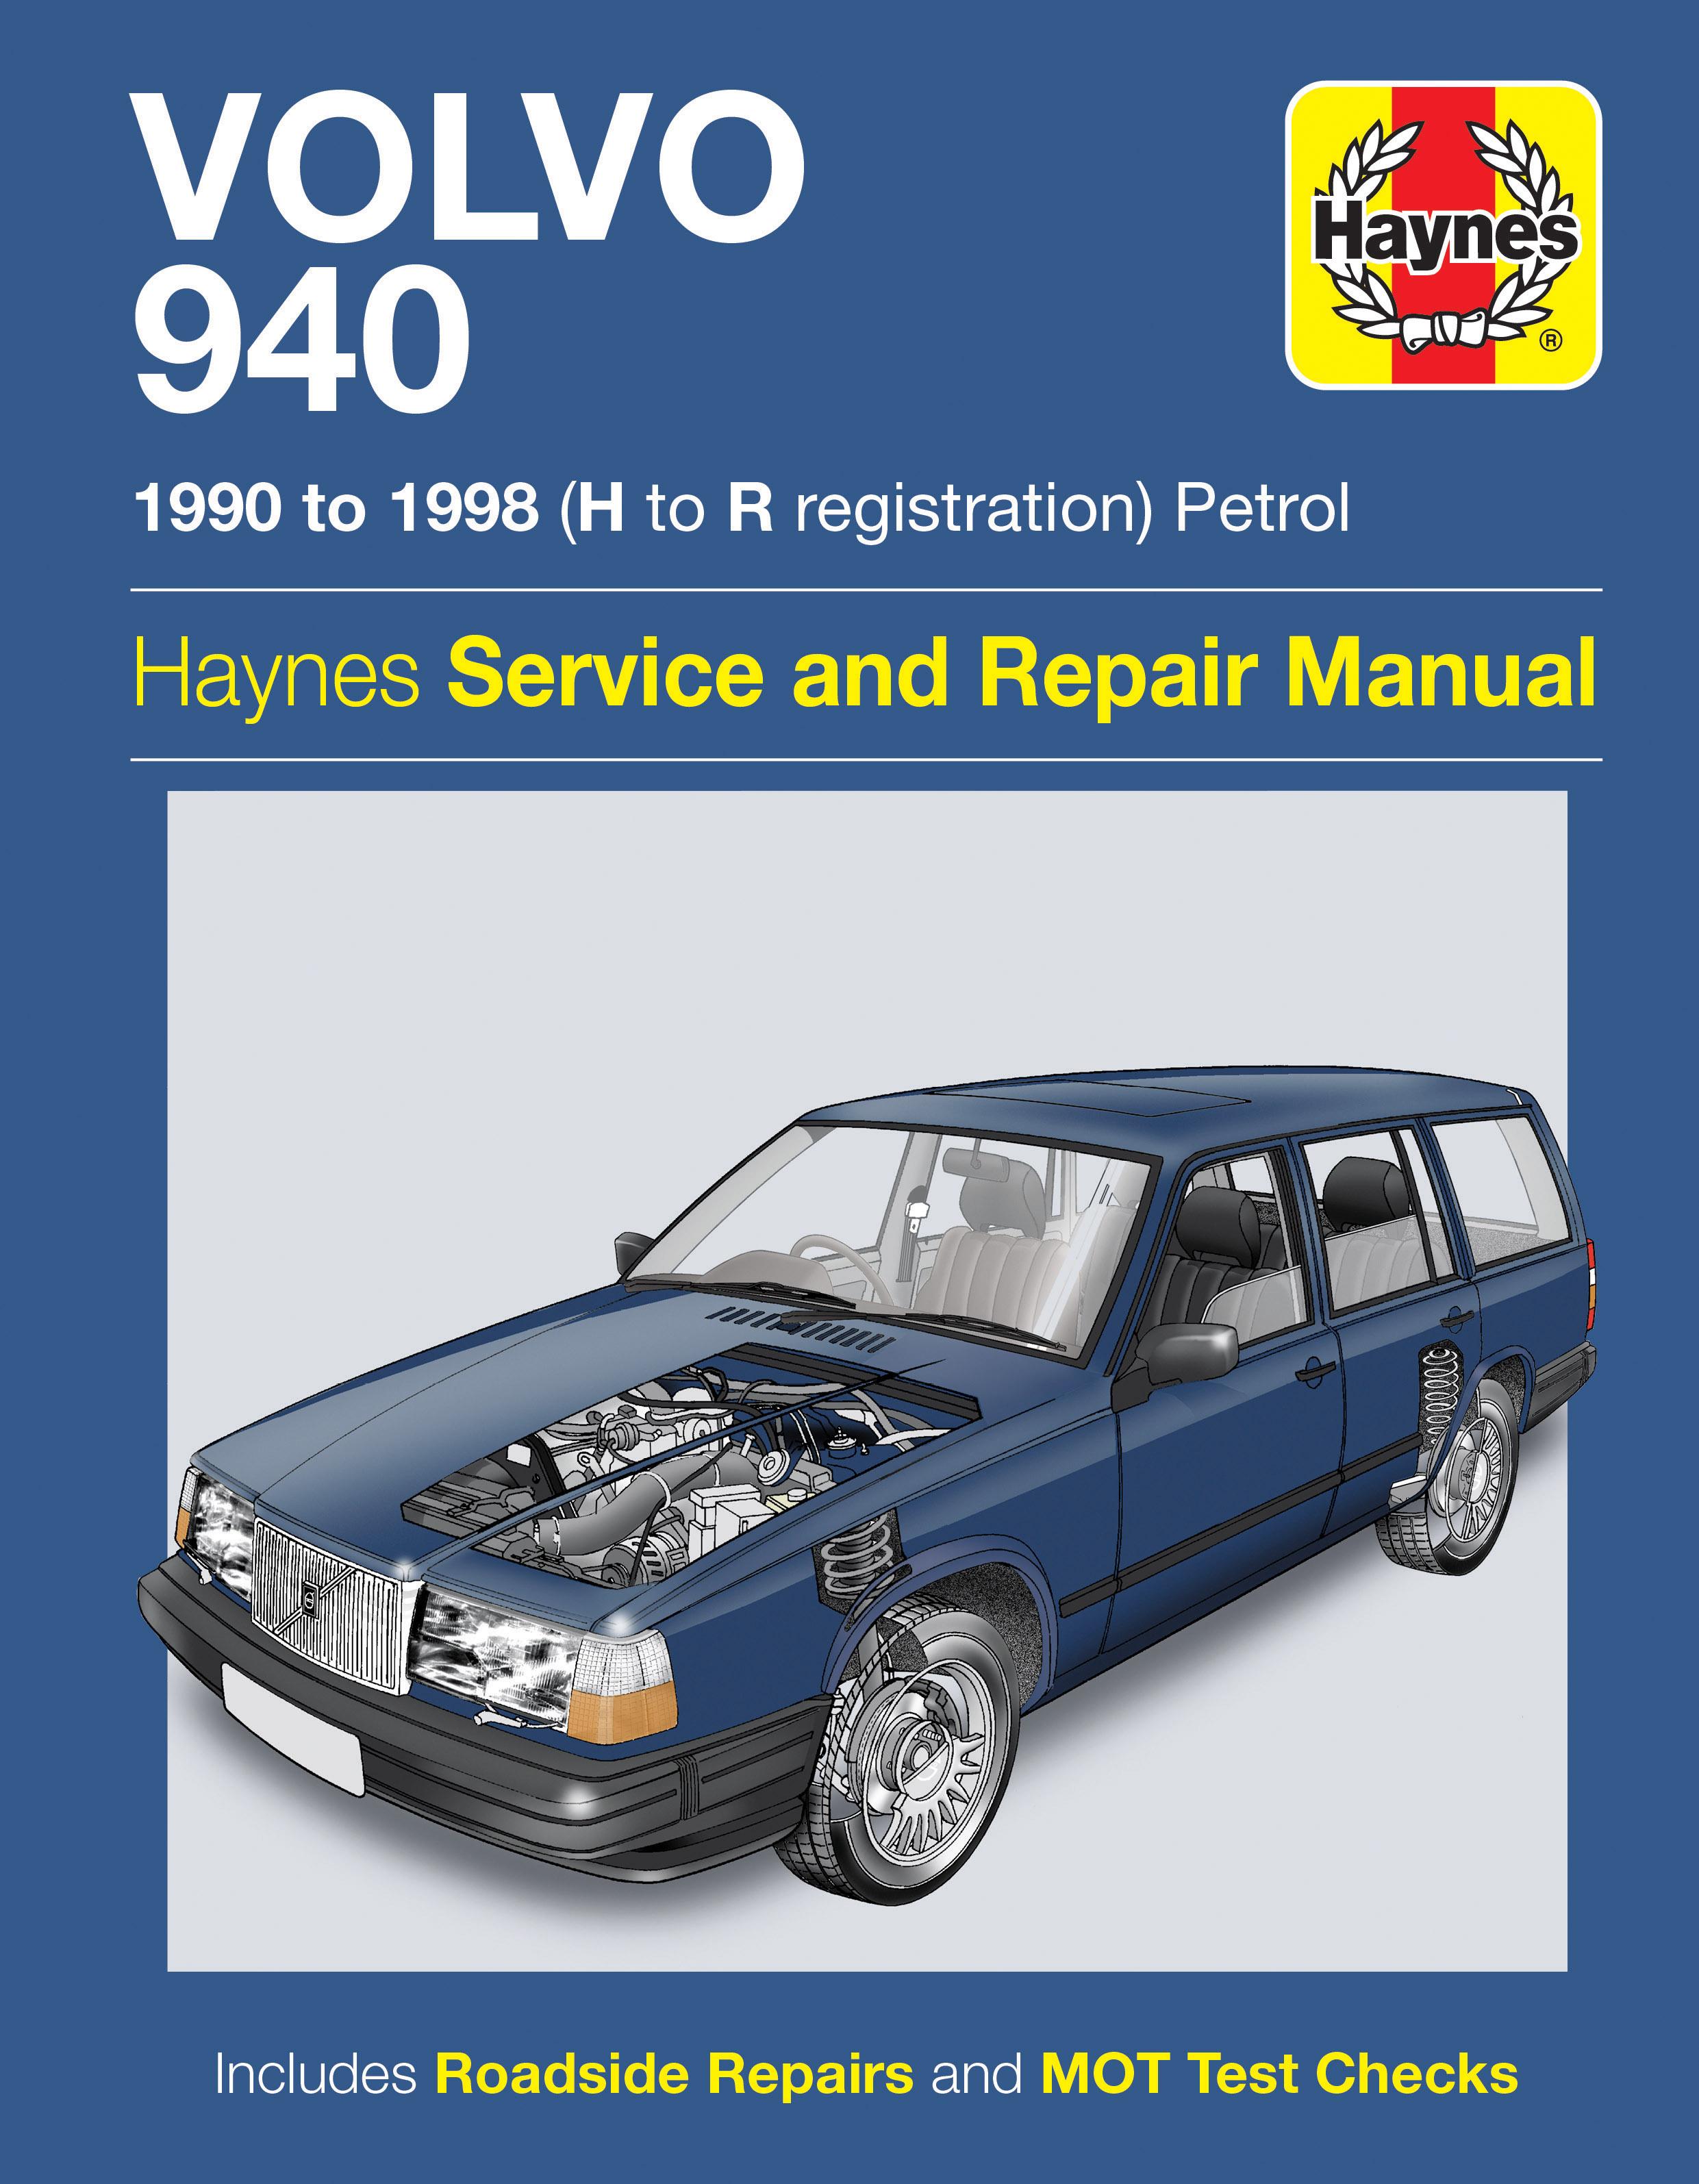 Volvo 940 (1990 - 1998) Repair Manuals